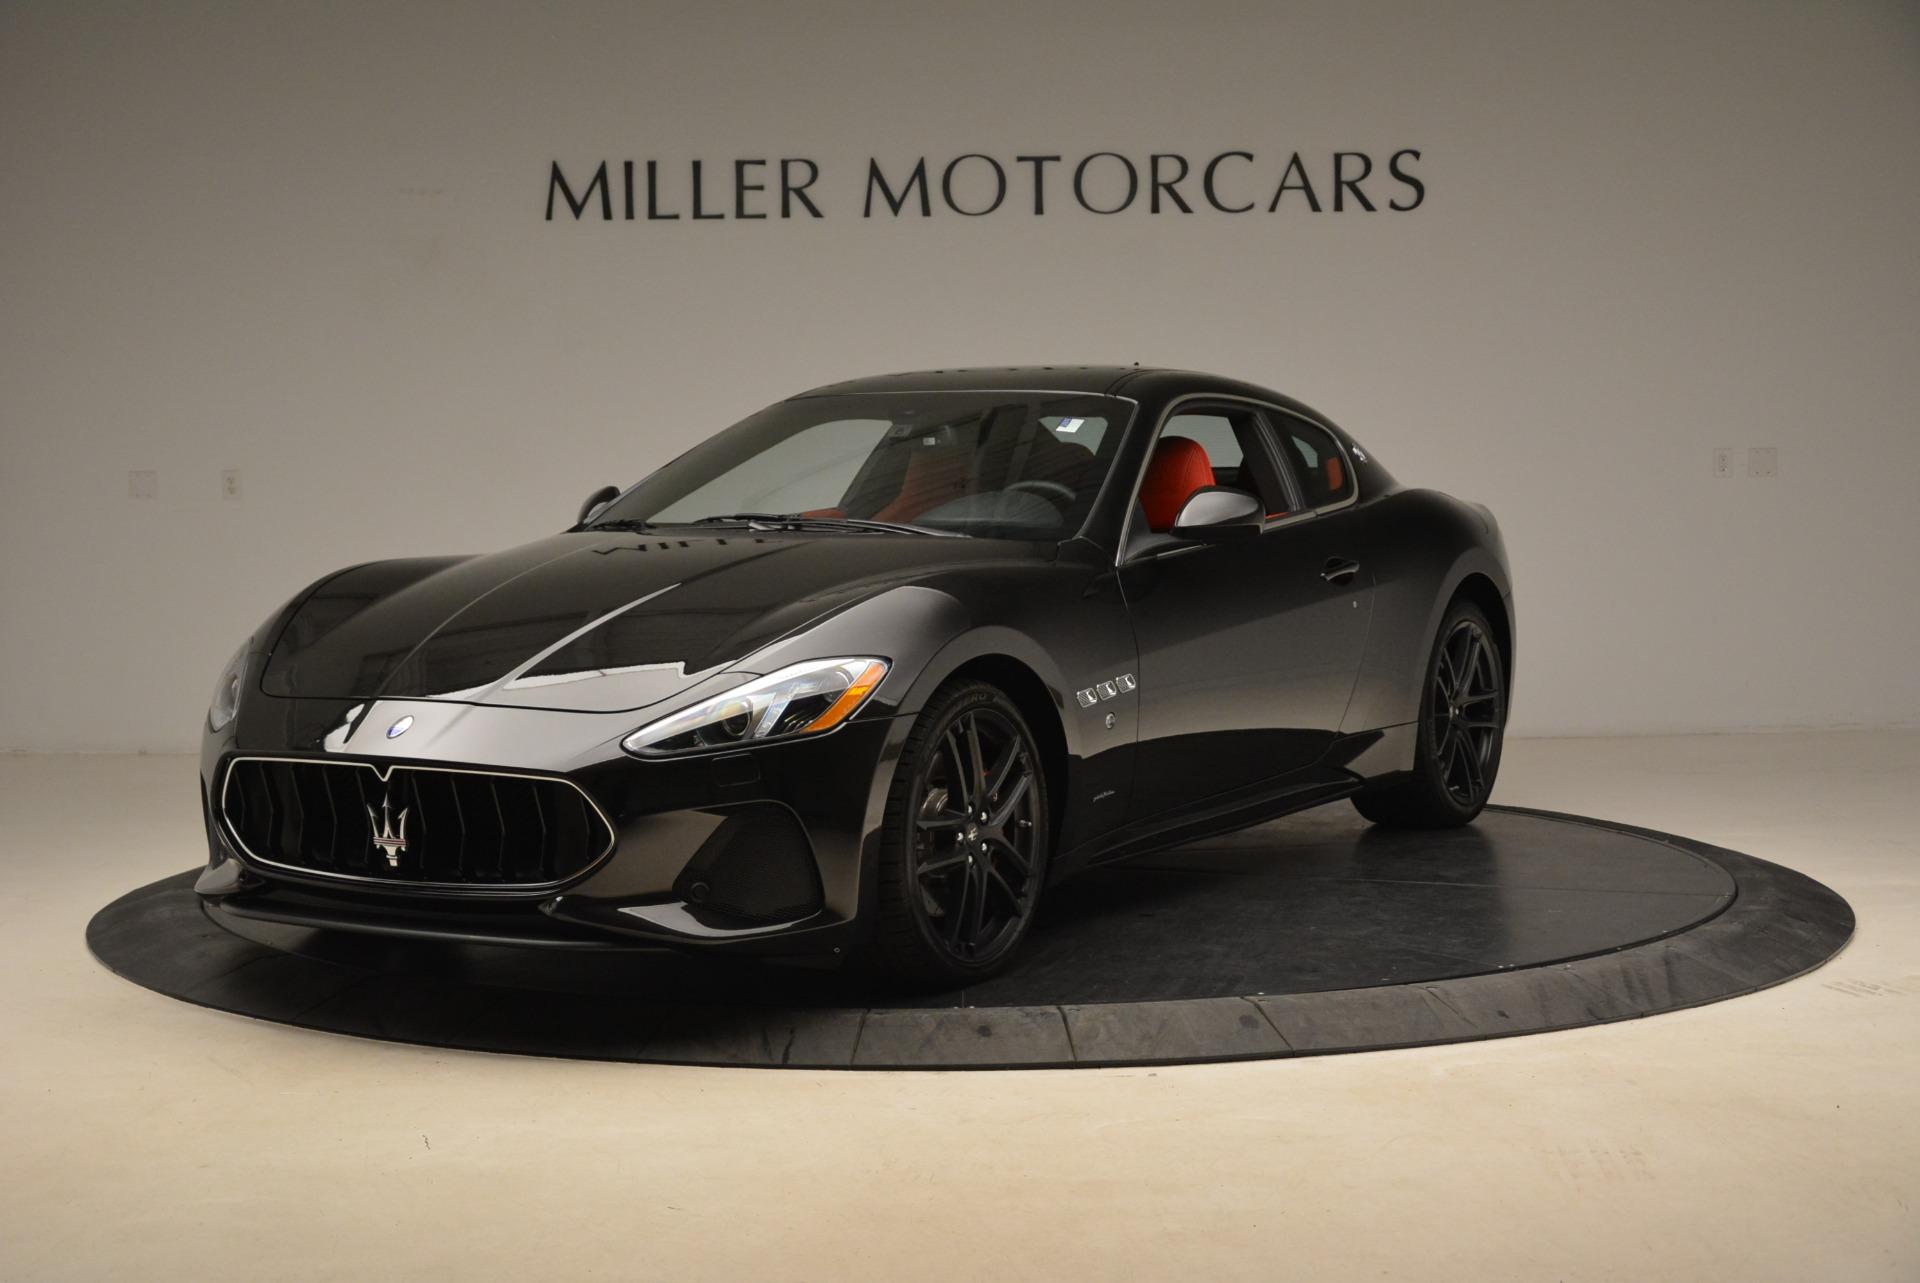 New 2018 Maserati GranTurismo Sport For Sale In Greenwich, CT 1799_main